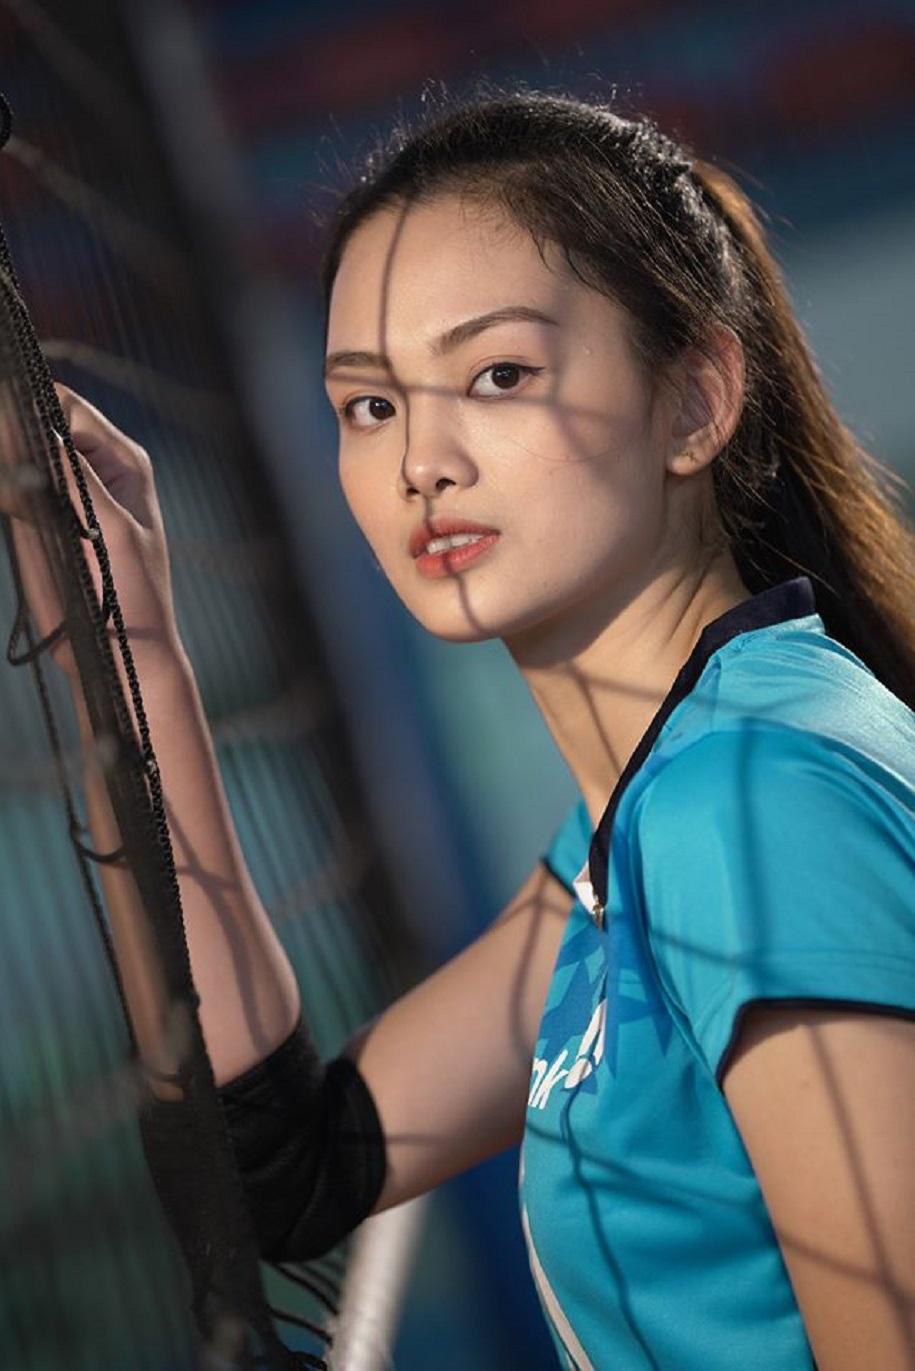 Hoa khôi bóng chuyền Việt Nam cao 1,74 m được báo chí thế giới khen ngợi - Ảnh 6.